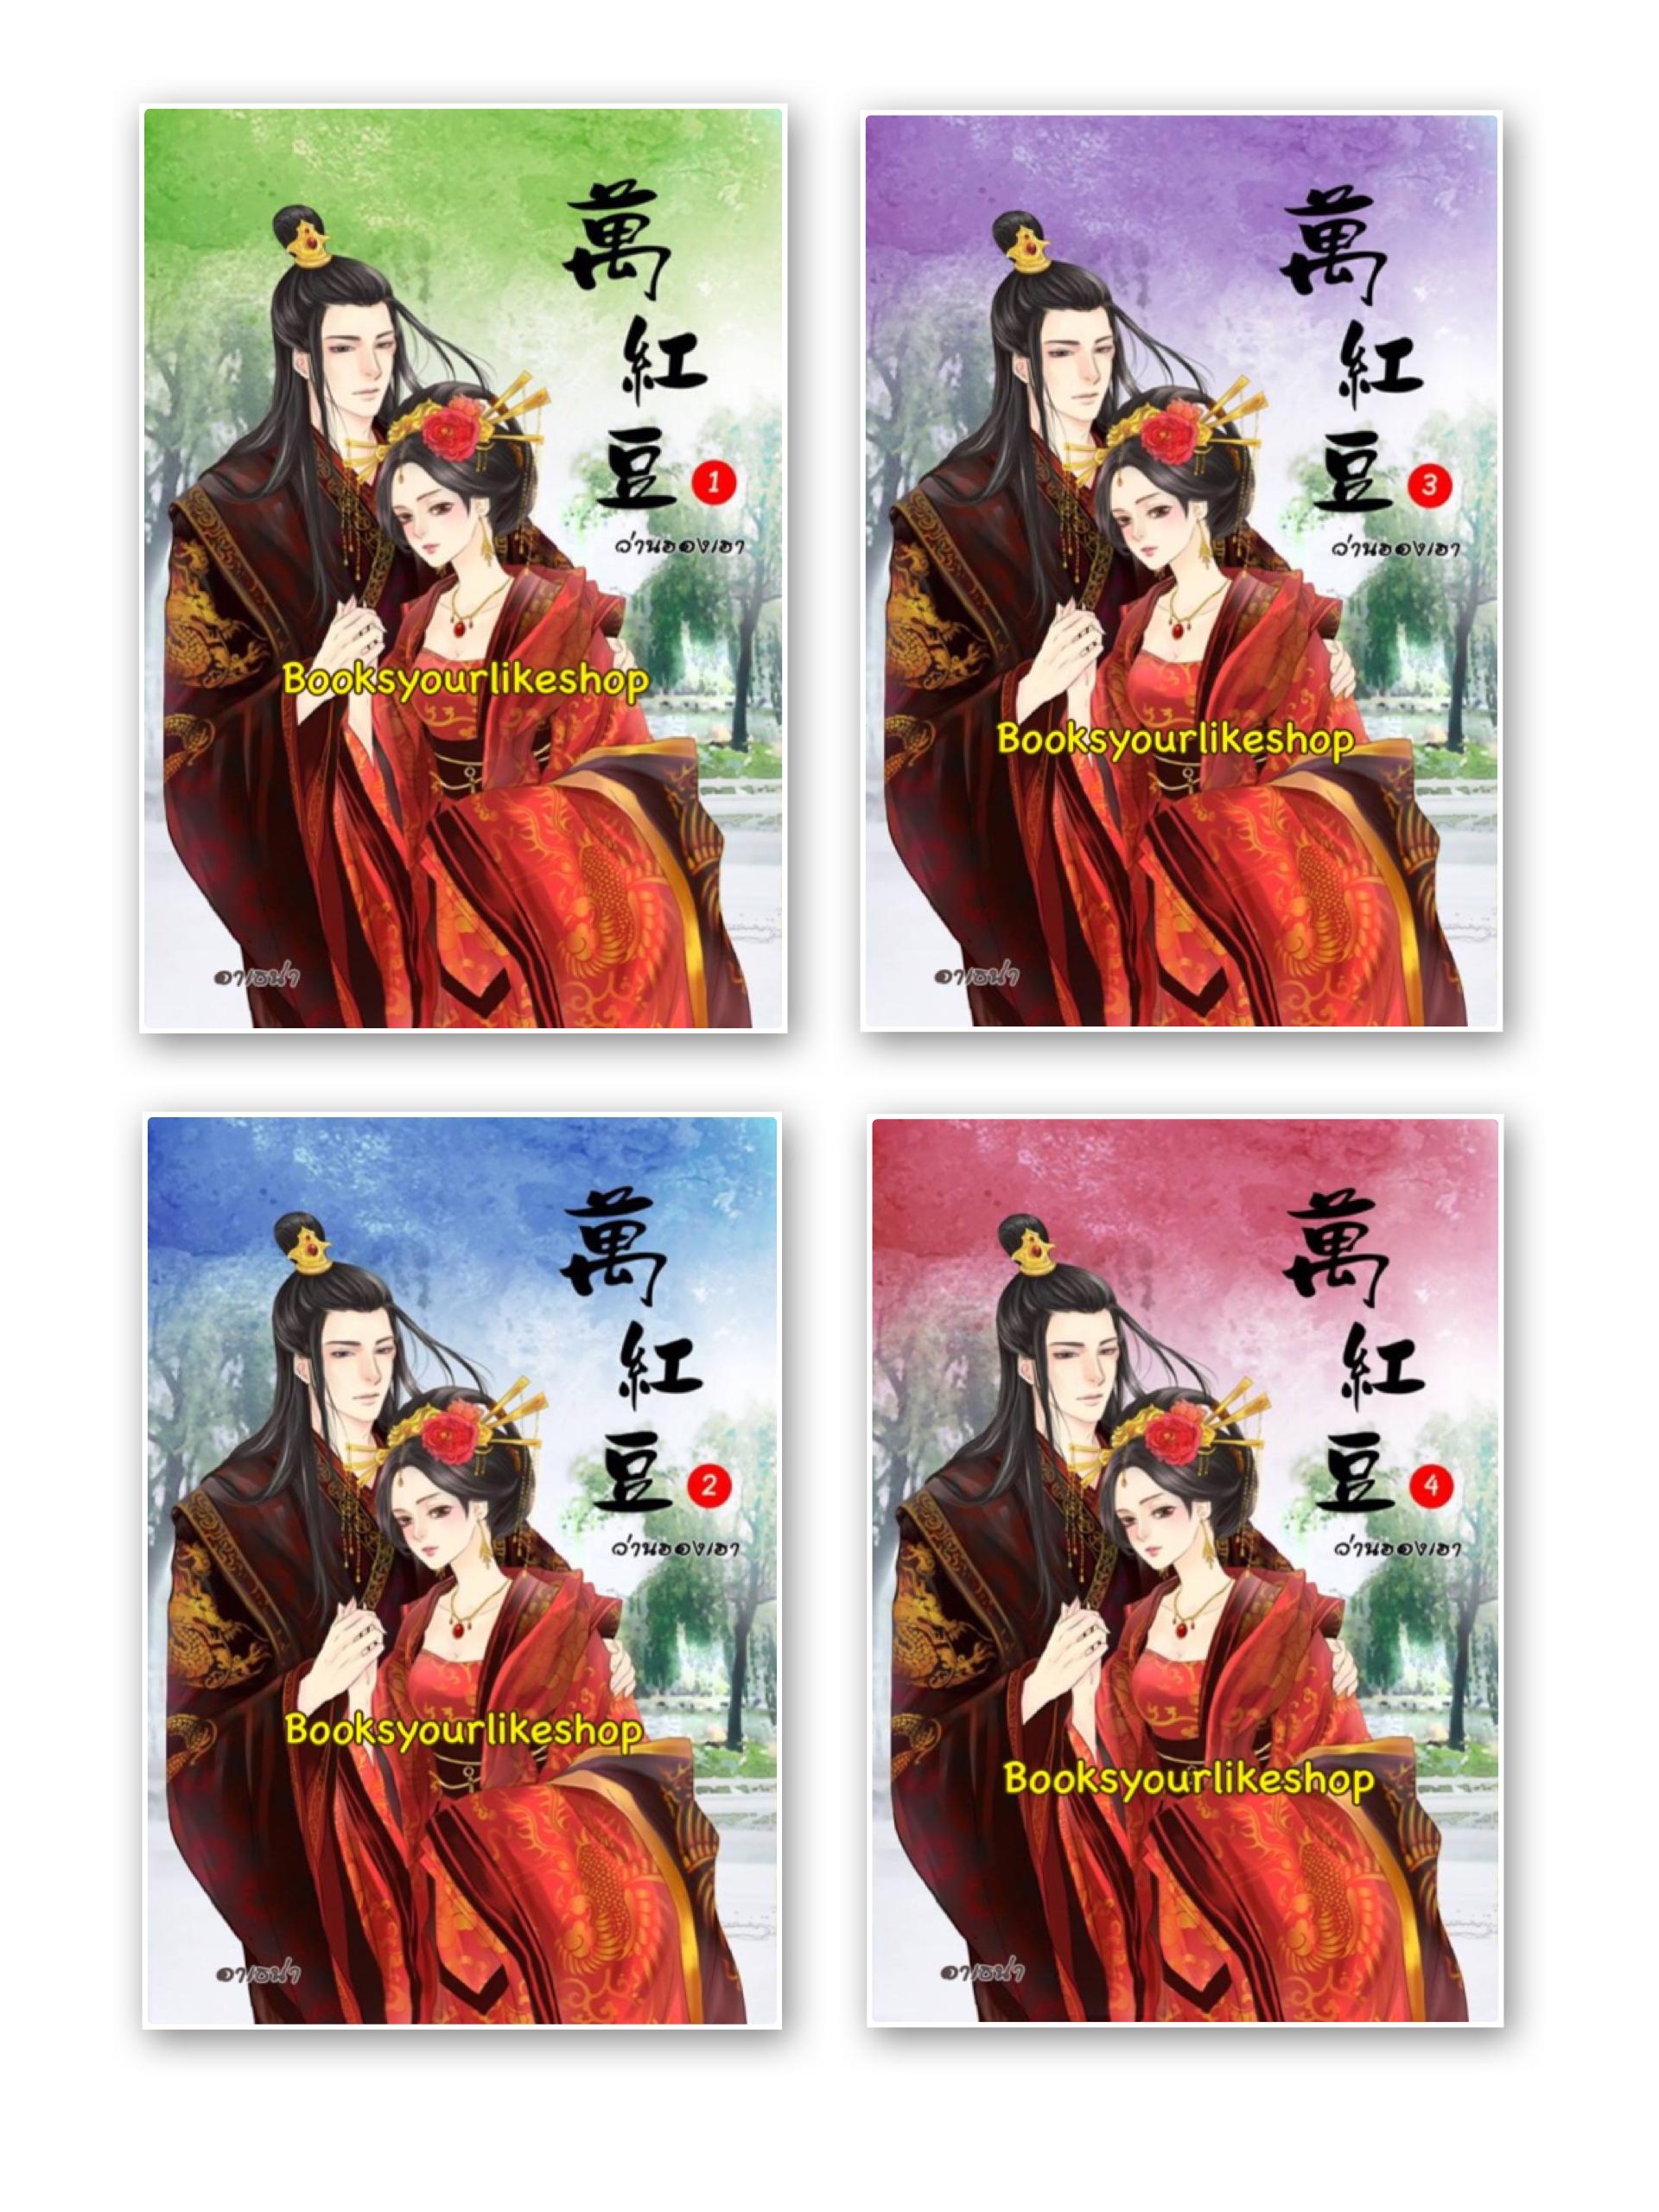 ว่านฮองเฮา 1- 4 เล่มจบ / อาเธน่า ใหม่ทำมือ สนุกมาก